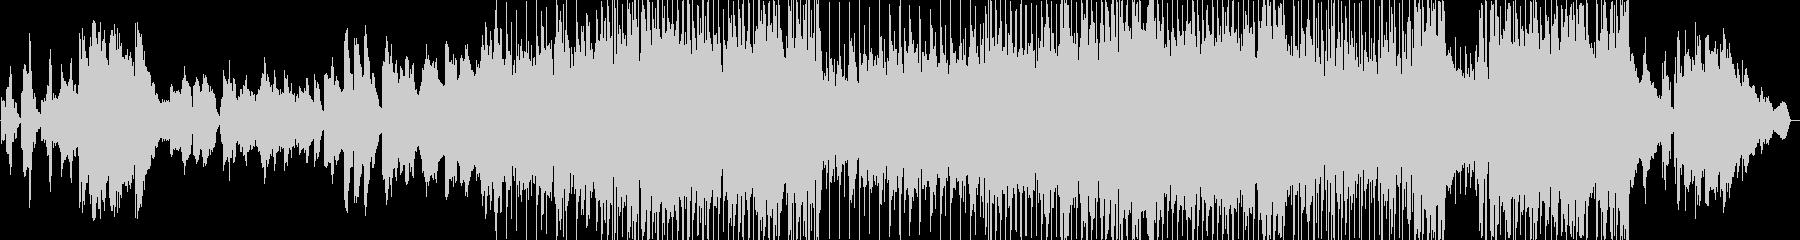 素敵なバラードの未再生の波形